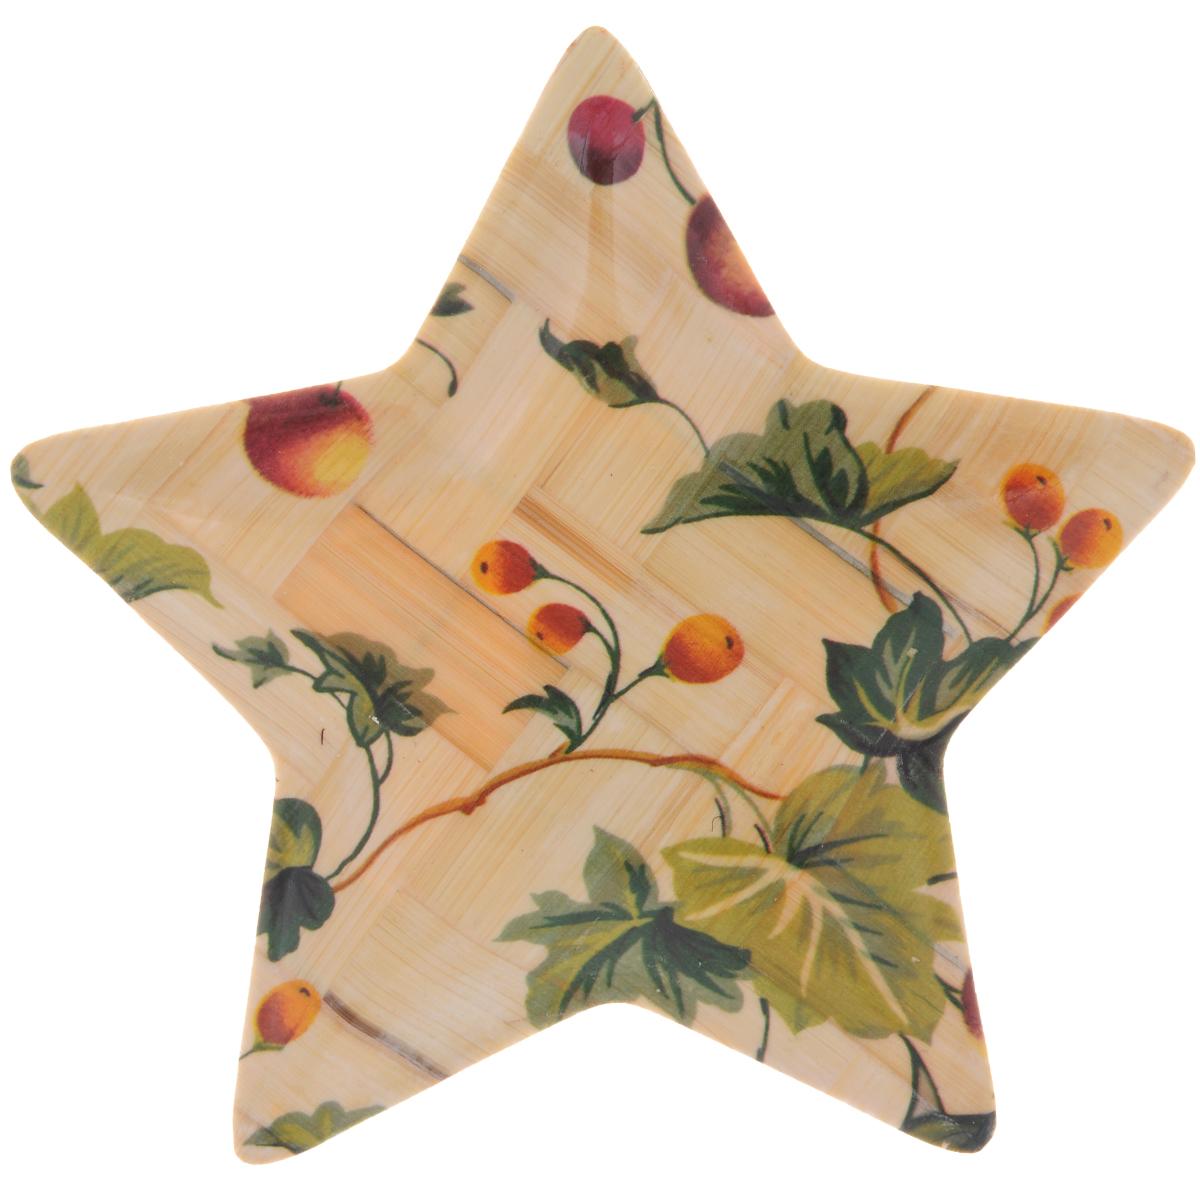 Тарелка Wanxie Звезда, цвет: бежевый, зеленый, 13,5 x 13,5 х 1 смWH-701S_бежевый, зеленыйТарелка Wanxie Звезда изготовлена из бамбука в виде звезды. Блюдо прекрасно подходит для того, чтобы подавать небольшие кусочки фруктов, ягоды и многое другое. Невероятно легкое, но в то же время крепкое и экологически чистое блюдо - незаменимый и очень полезный аксессуар на кухне, а благодаря нежной расцветке подойдет к любому интерьеру. Посуда из бамбука - интересное решение для создания эксклюзивных и стильных кухонных интерьеров. Бамбук экологичен и безопасен для здоровья, не боится влаги, устойчив к перепадам температуры. Несмотря на легкость и изящество, изделие прочно и долговечно. Посуда из бамбука проста в уходе и красива.Размер тарелки по верхнему краю: 13,5 х 13,5 см.